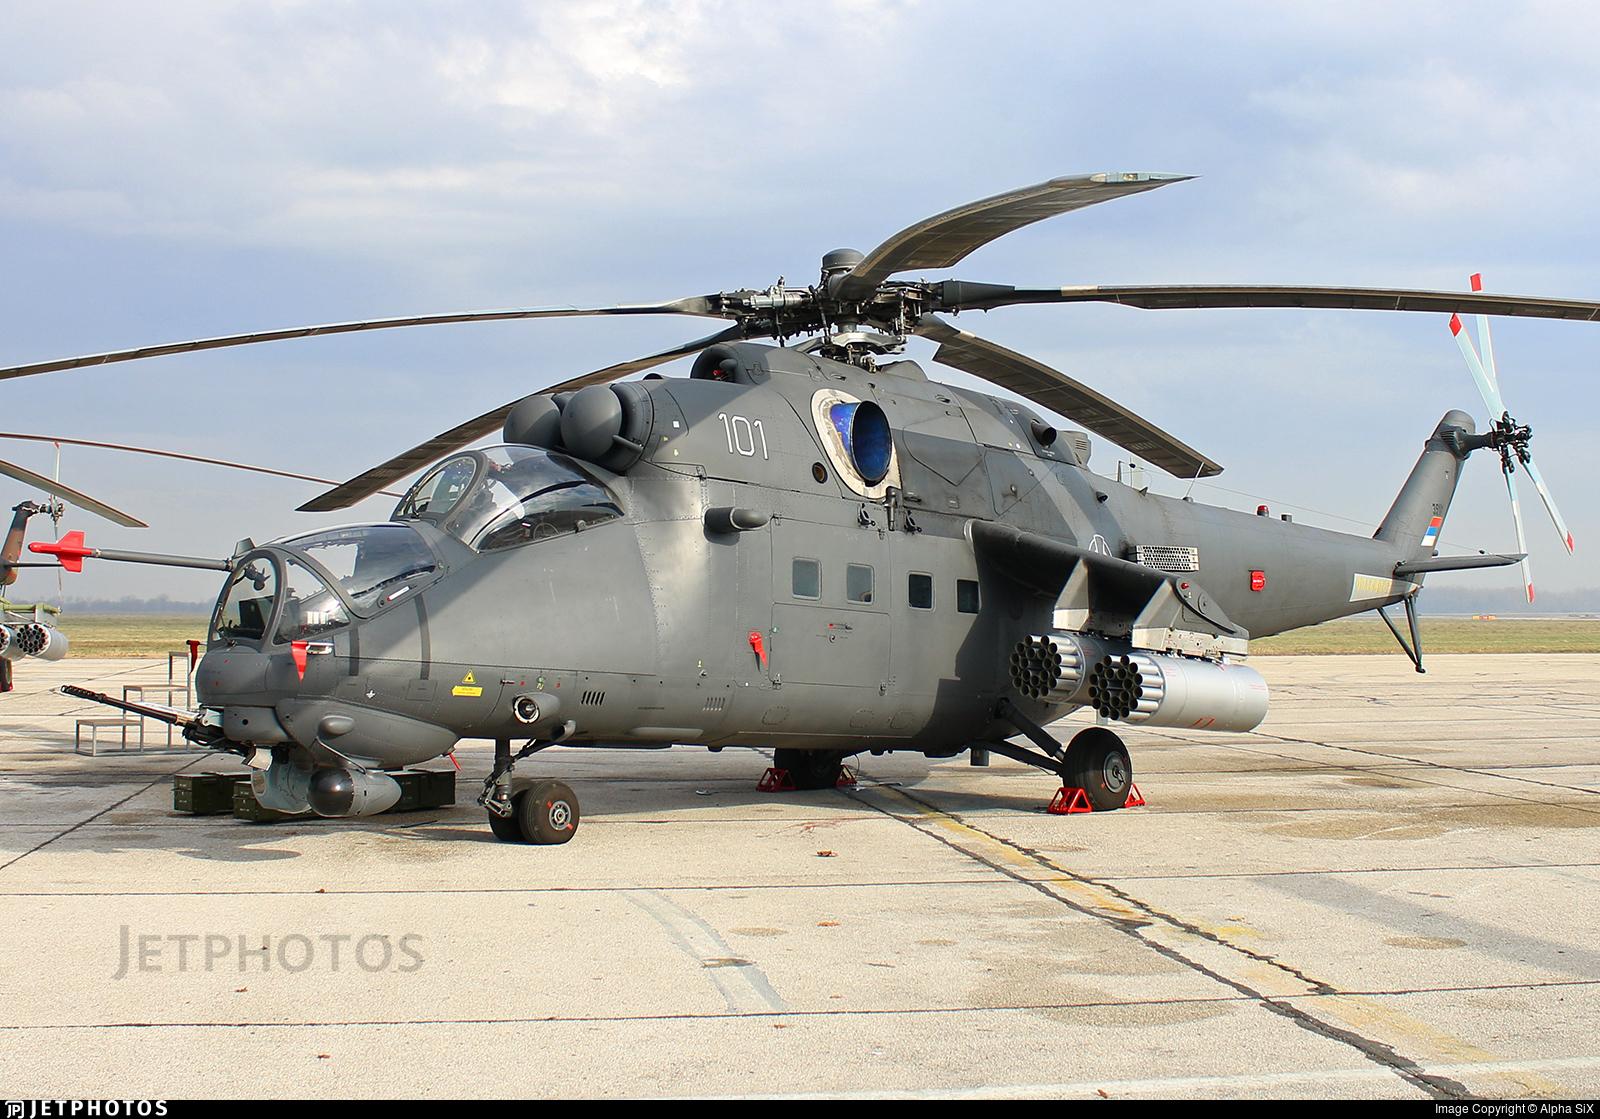 35101 - Mil Mi-35M Hind - Serbia - Air Force